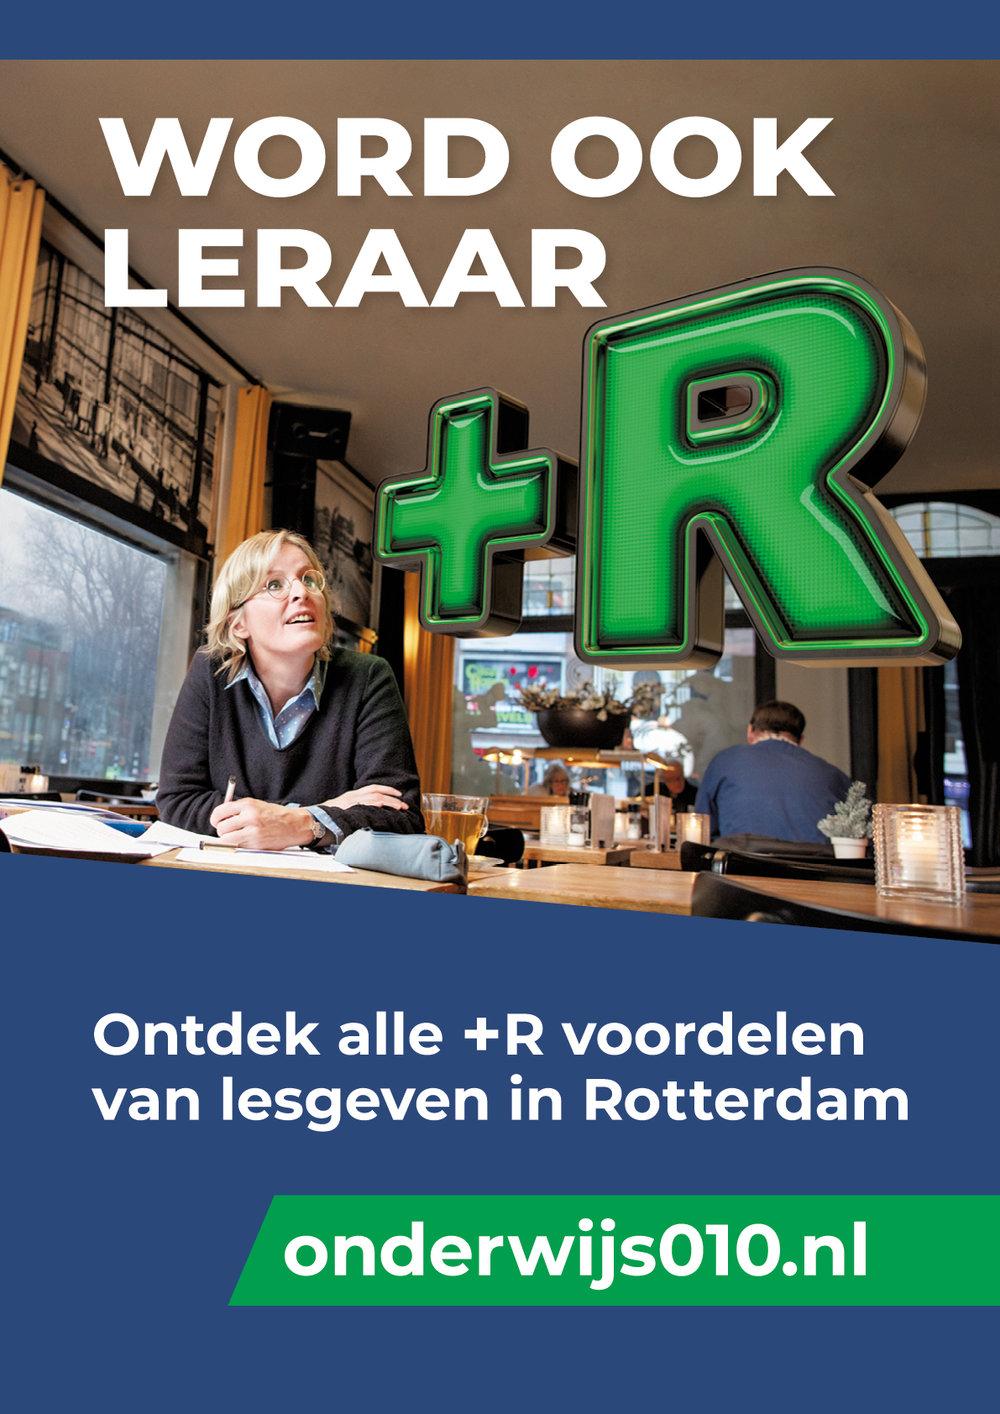 0to9: 0to9: Campagne voor 'Word een Leraar+R in Rotterdam', Simone.